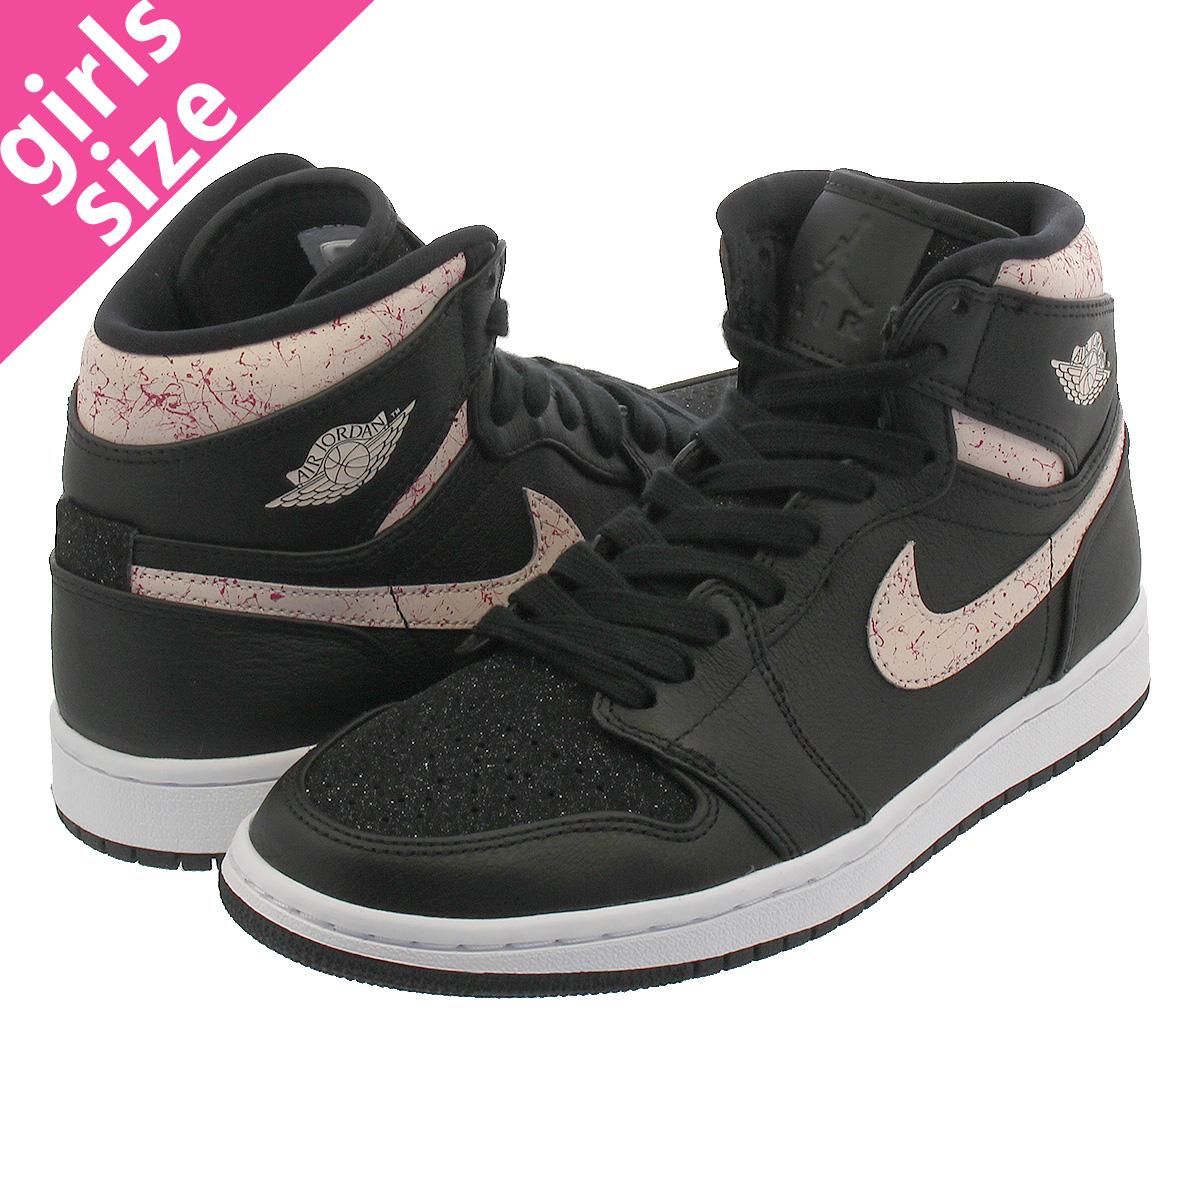 b30682d0590 SELECT SHOP LOWTEX: NIKE WMNS AIR JORDAN 1 RETRO HIGH PREMIUM Nike women  Air Jordan 1 nostalgic high premium BLACK/SILT RED/RUSH MAROON/WHITE  aq9131-001 ...